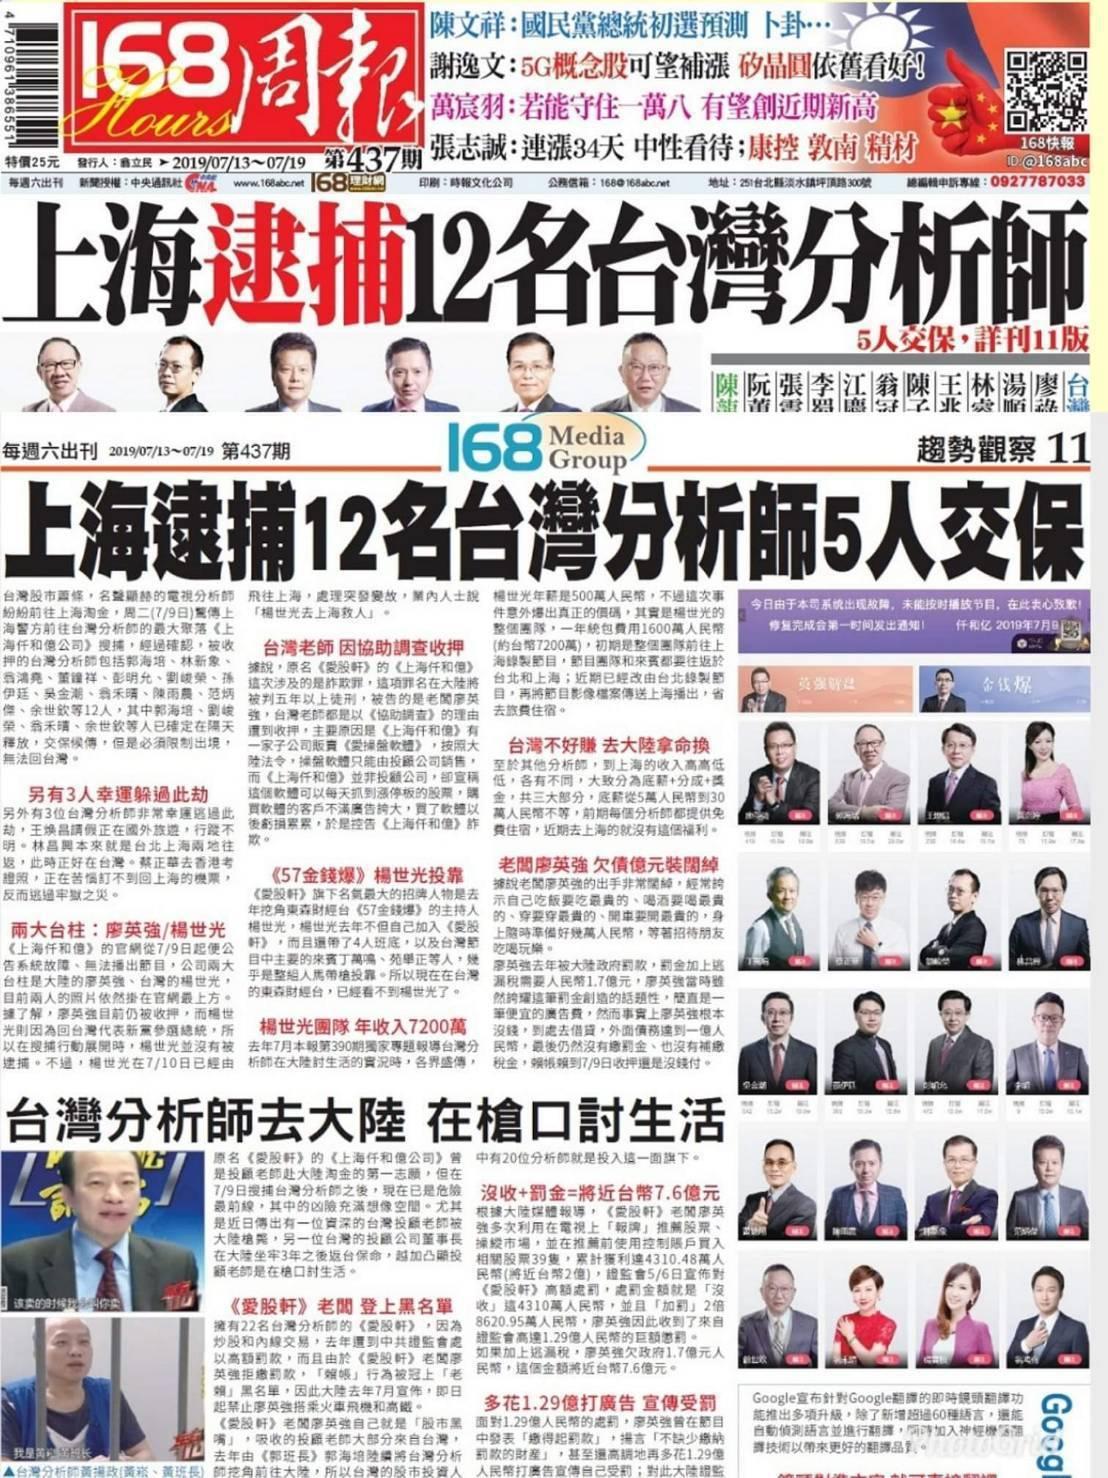 驚傳上海警方9日搜索仟和億公司,並逮捕台灣分析師12人,其中有5人已被交保候傳,...